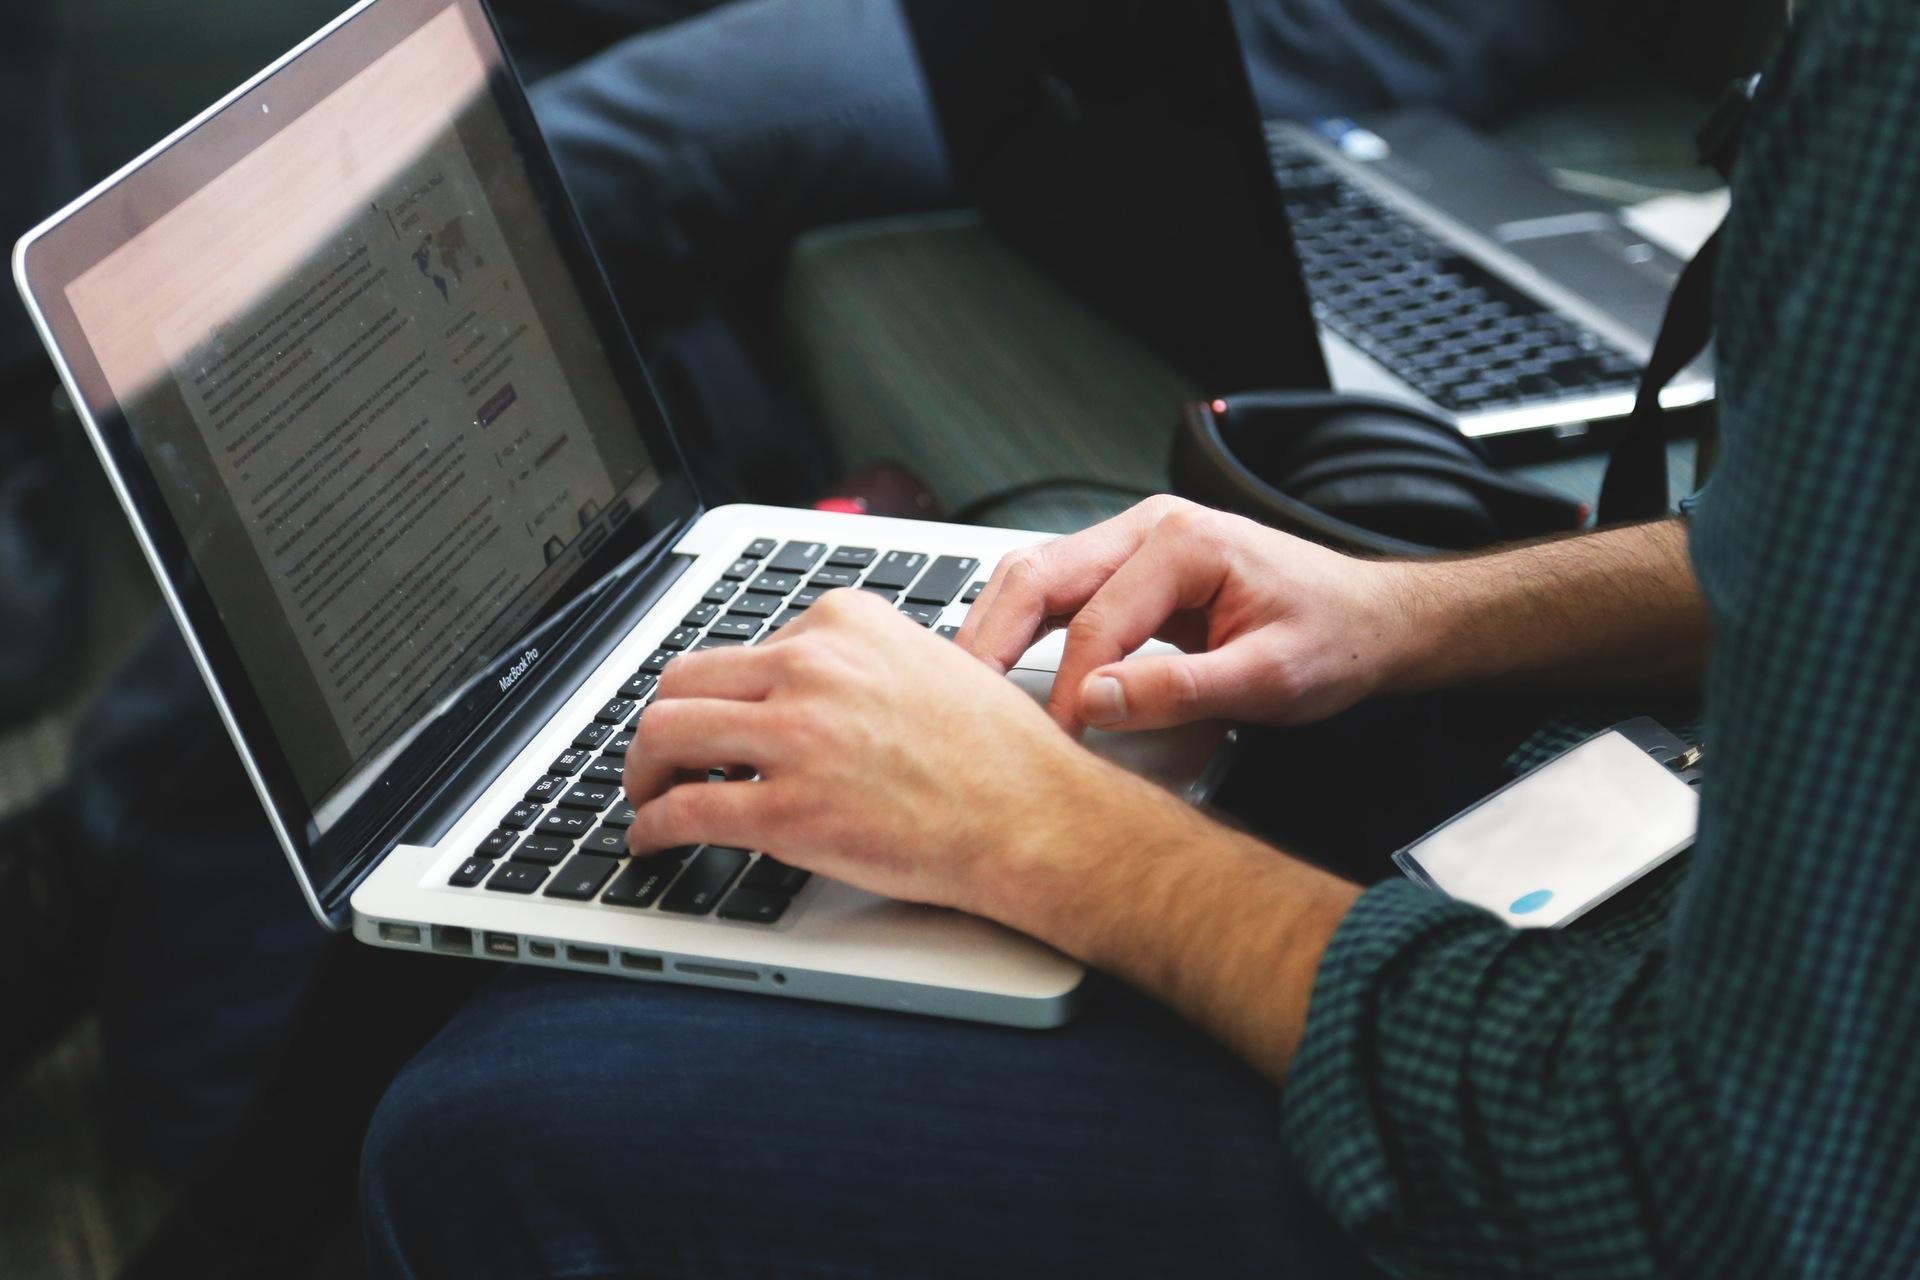 ¿Cómo conseguir empleo de algo que no estudiaste?